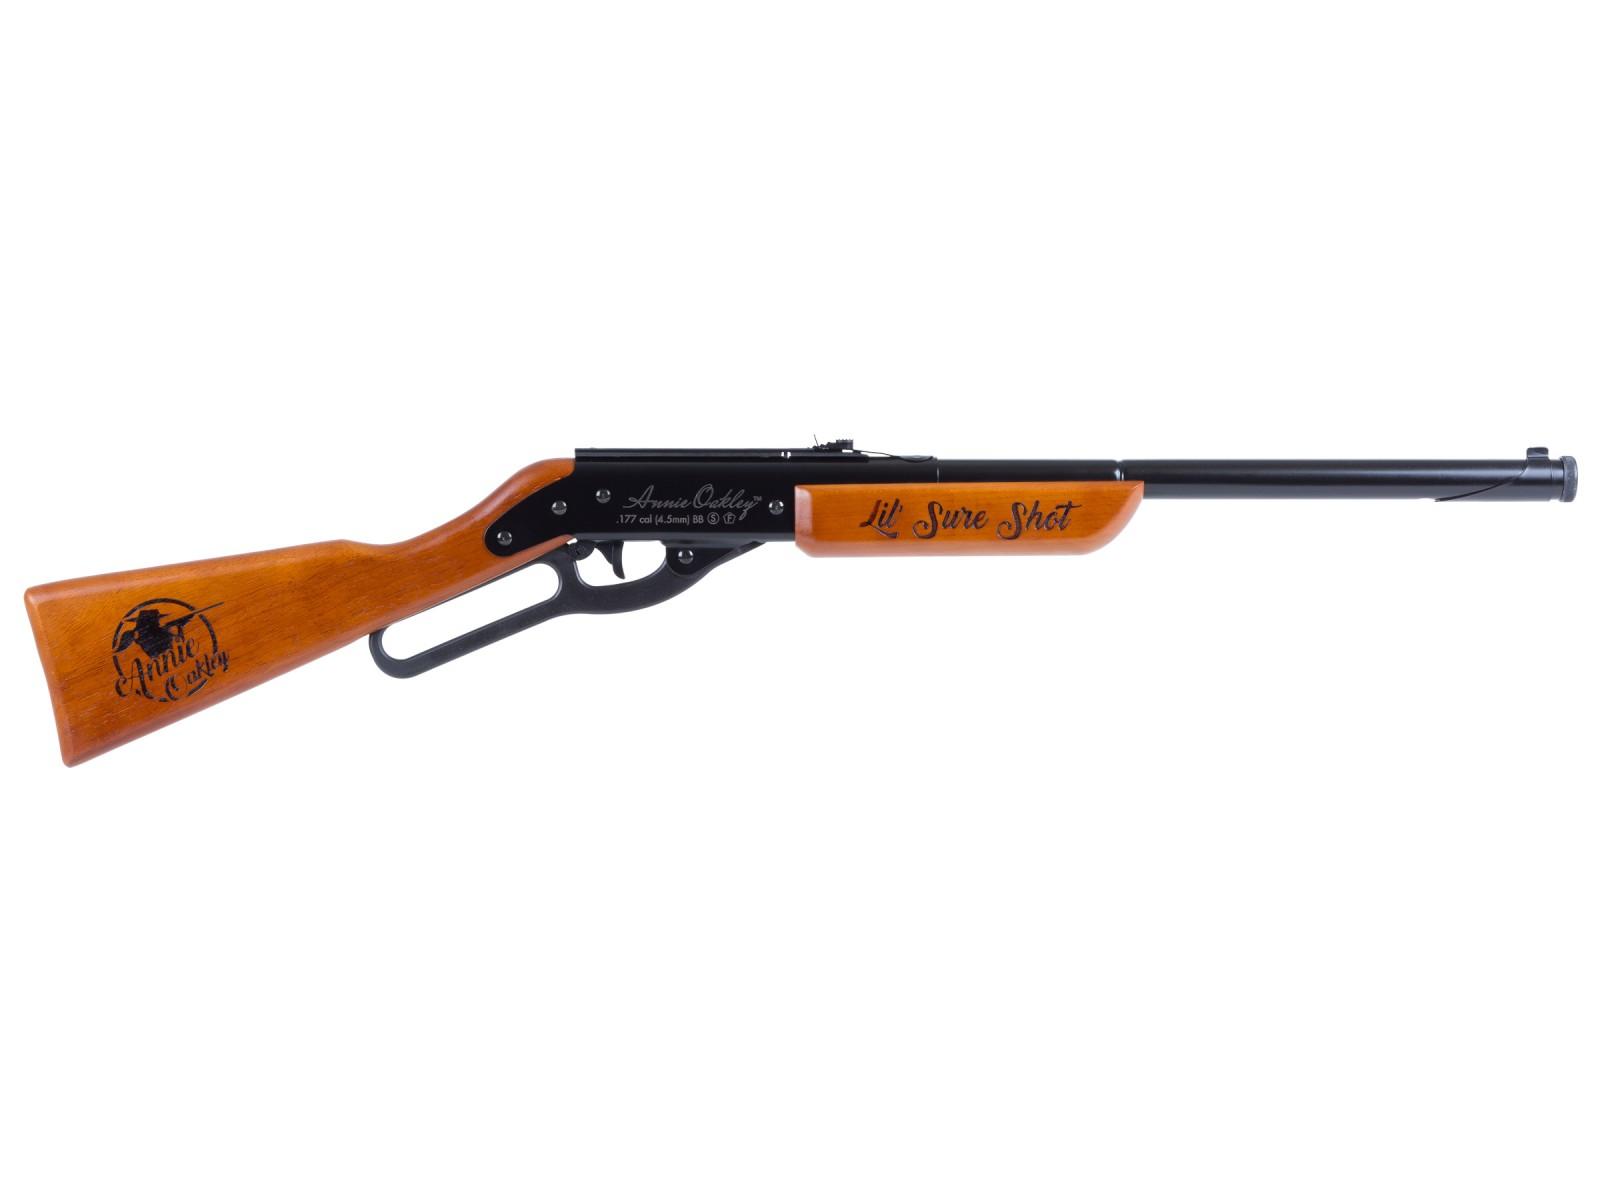 Cheap Annie Oakley Lil Sure Shot BB Rifle 0.177